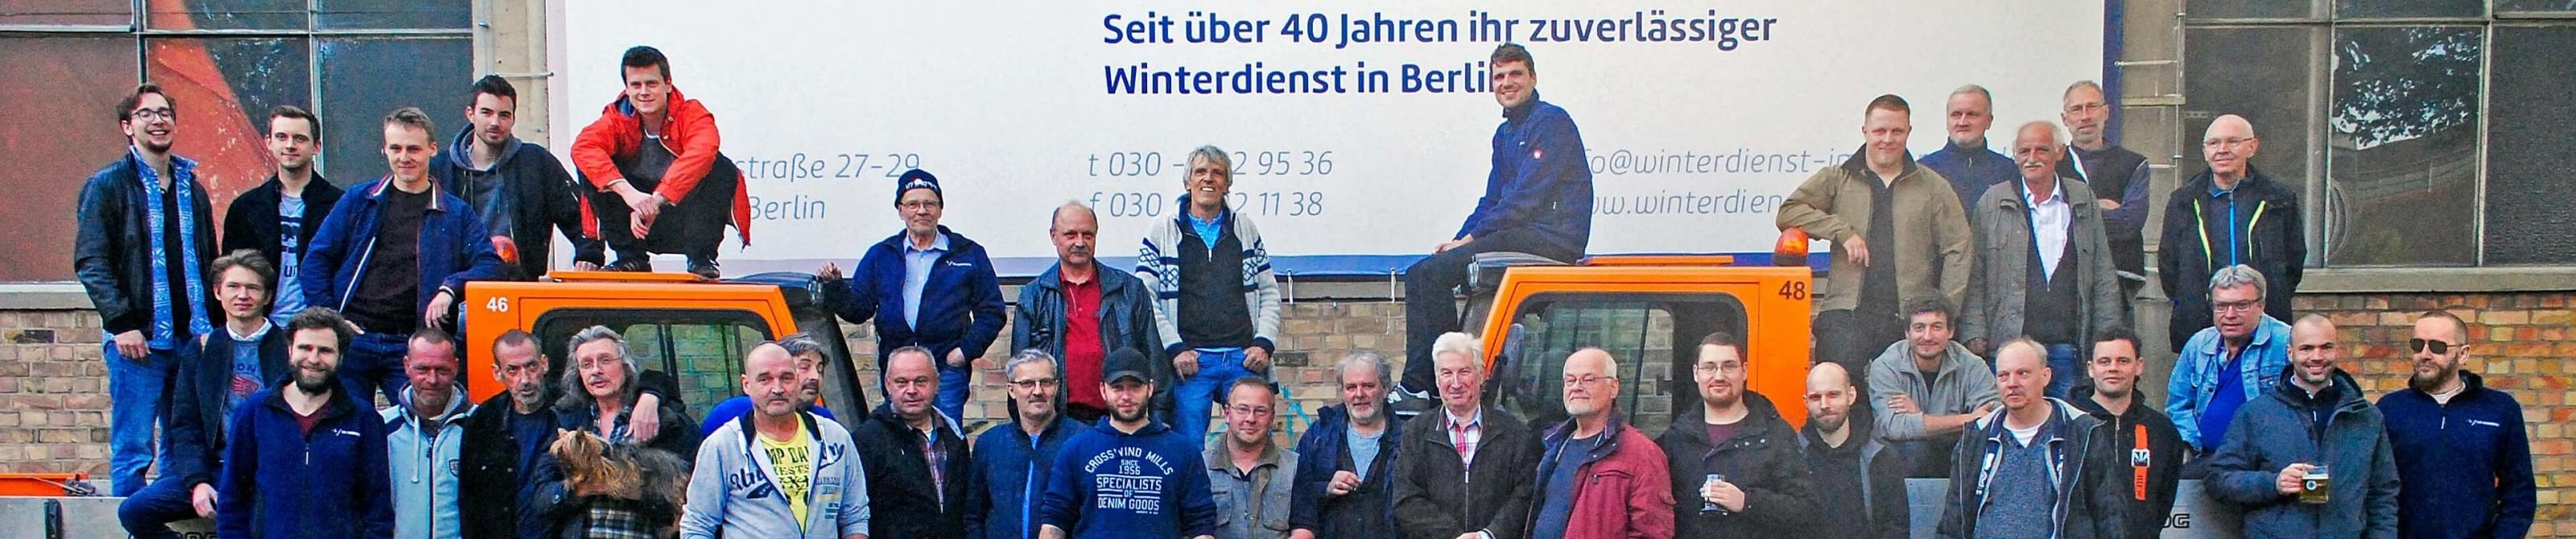 Teamfoto Winterdienst im Norden Berlin Saison 18/19